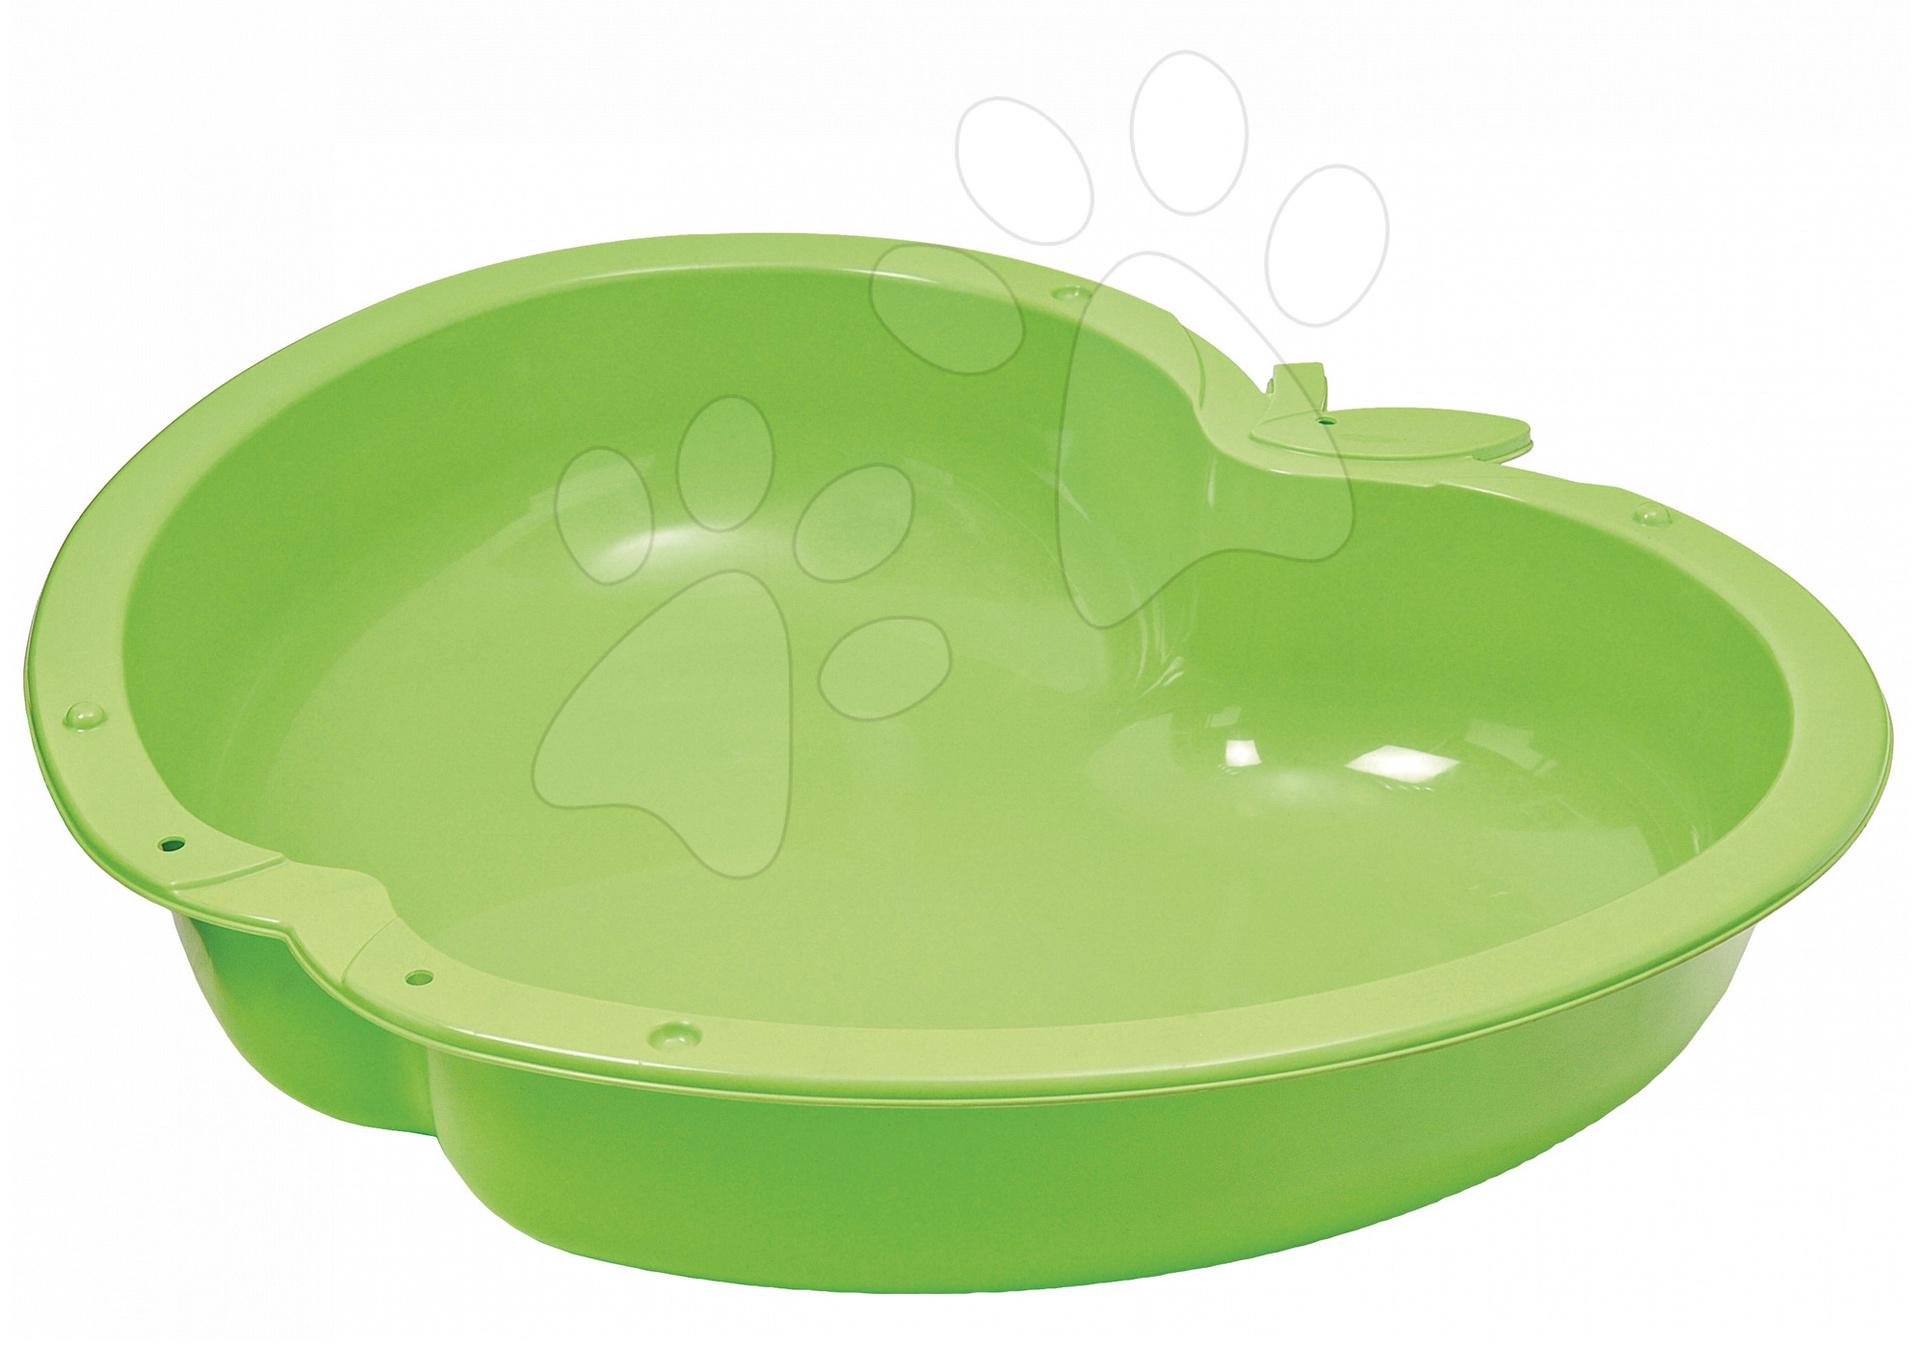 Pieskovisko Jablko Starplast objem 147 litrov zelené od 24 mes